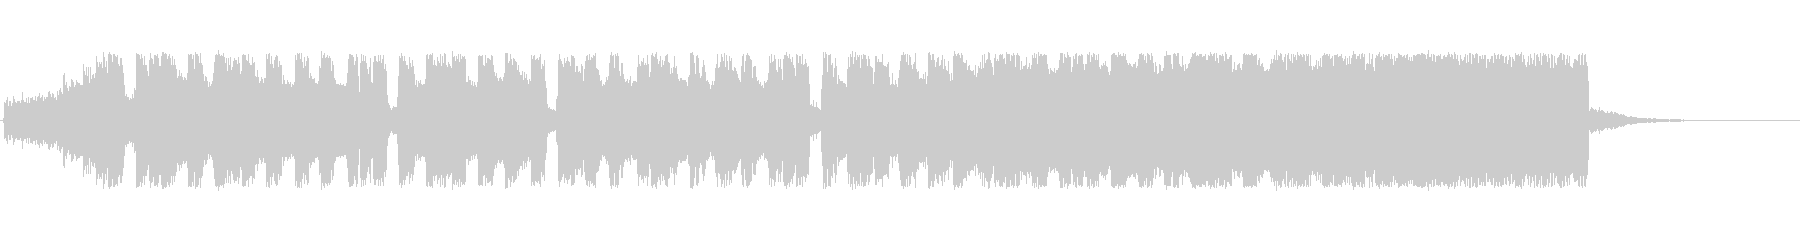 チップチューンの明るいファンファーレの未再生の波形